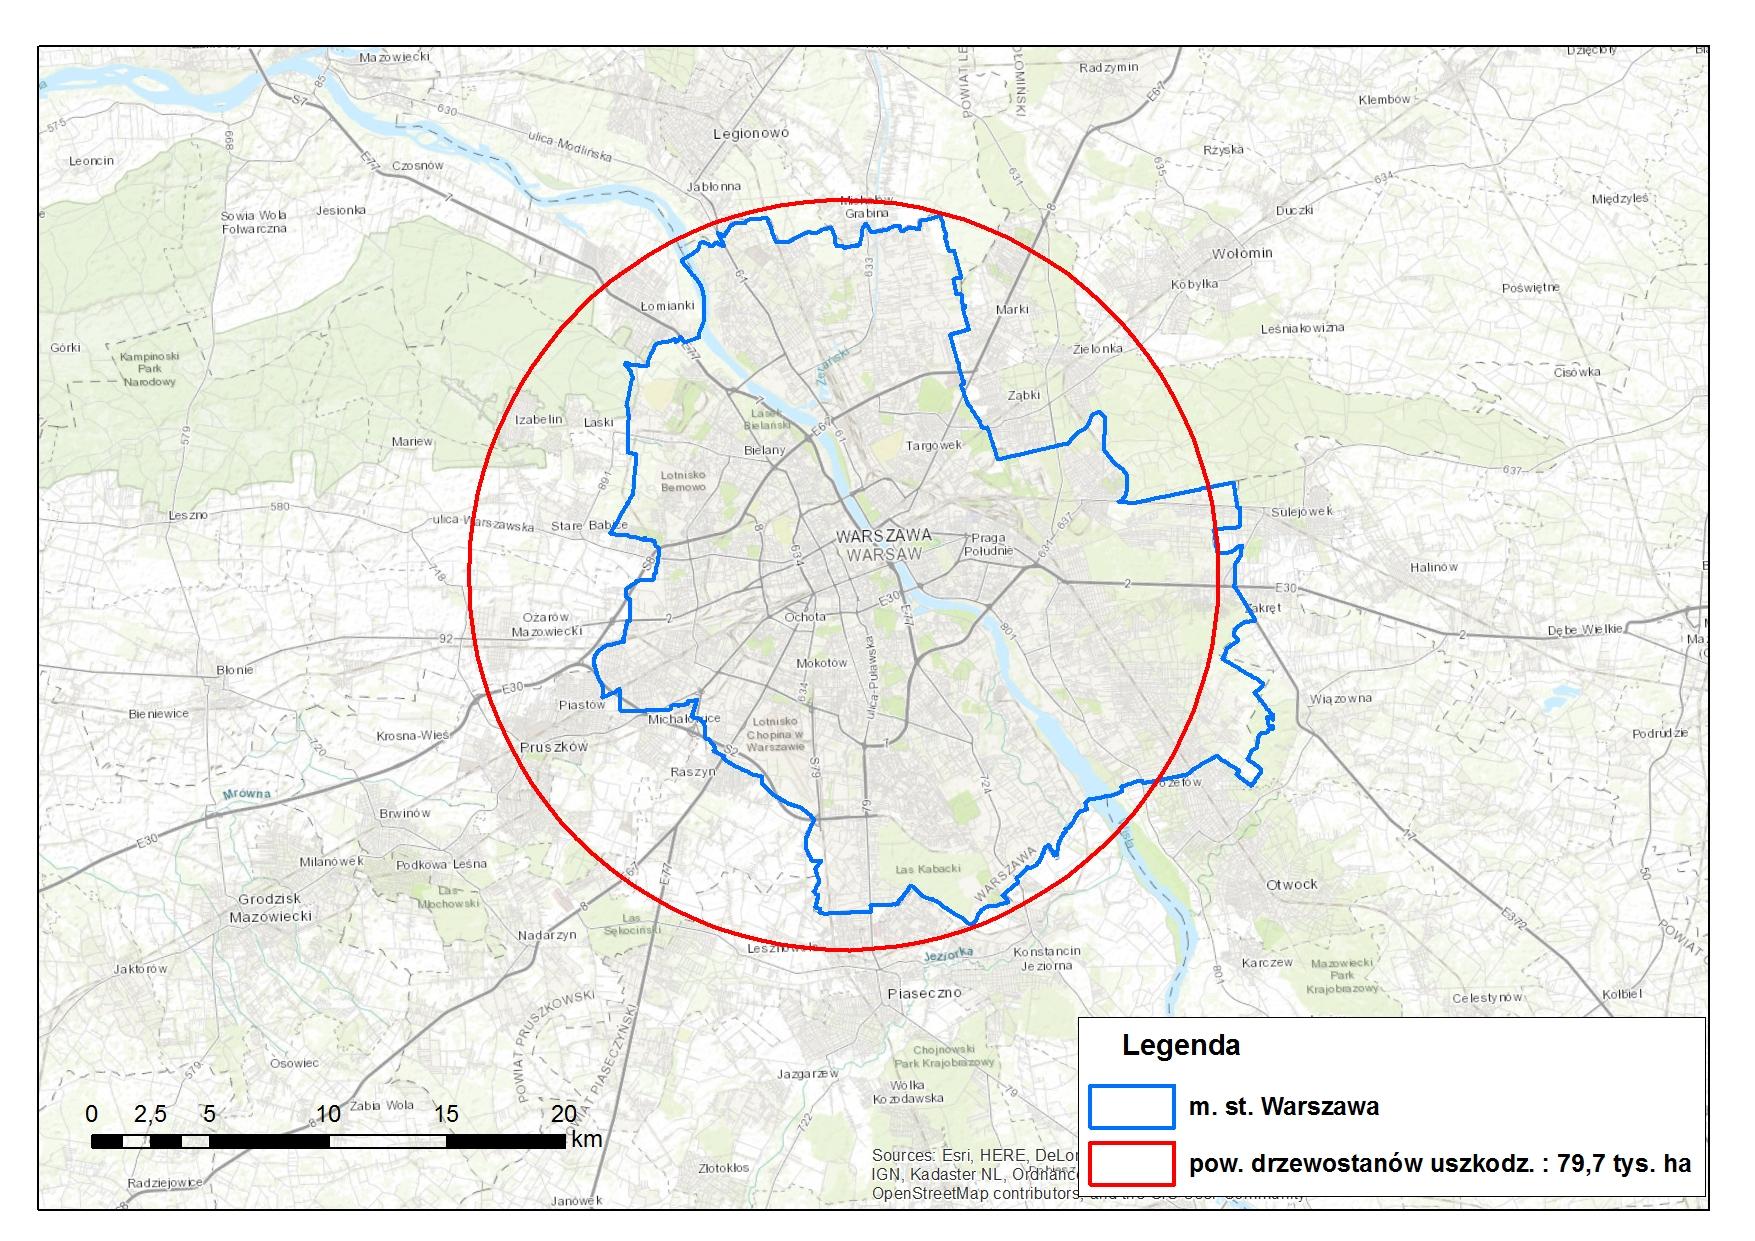 Mapa porównująca obszar klęski z obszarem Warszawy